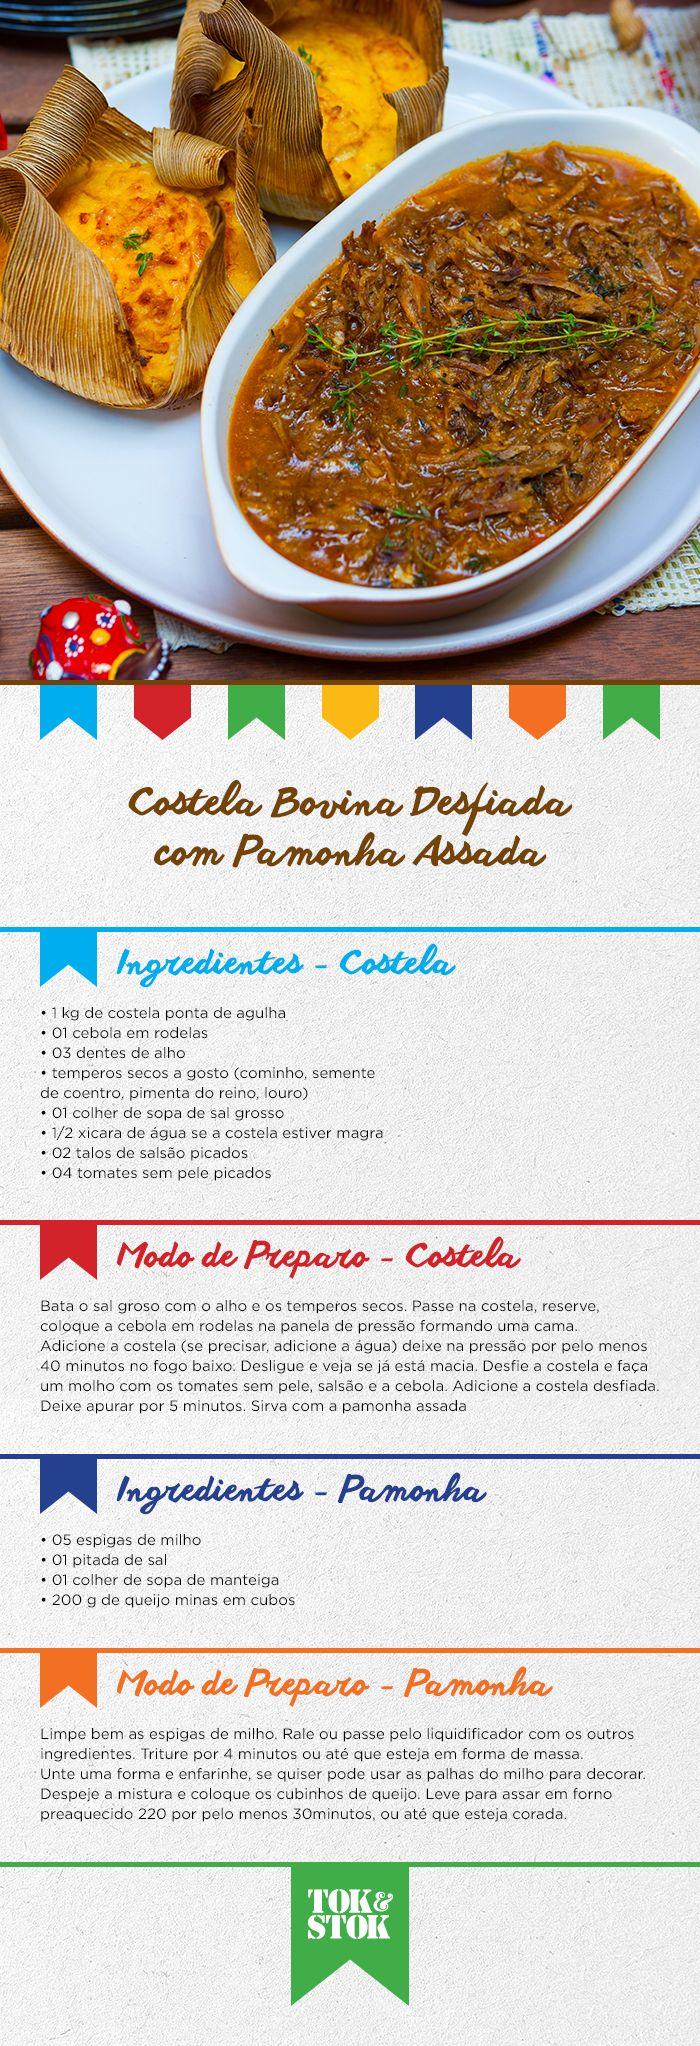 O prato do dia: Costela Bovina Desfiada com Pamonha assada. Servidos? #SãoJoão #FestaDasCores | Receita do restaurante Arimbá http://www.arimbarestaurante.com.br/